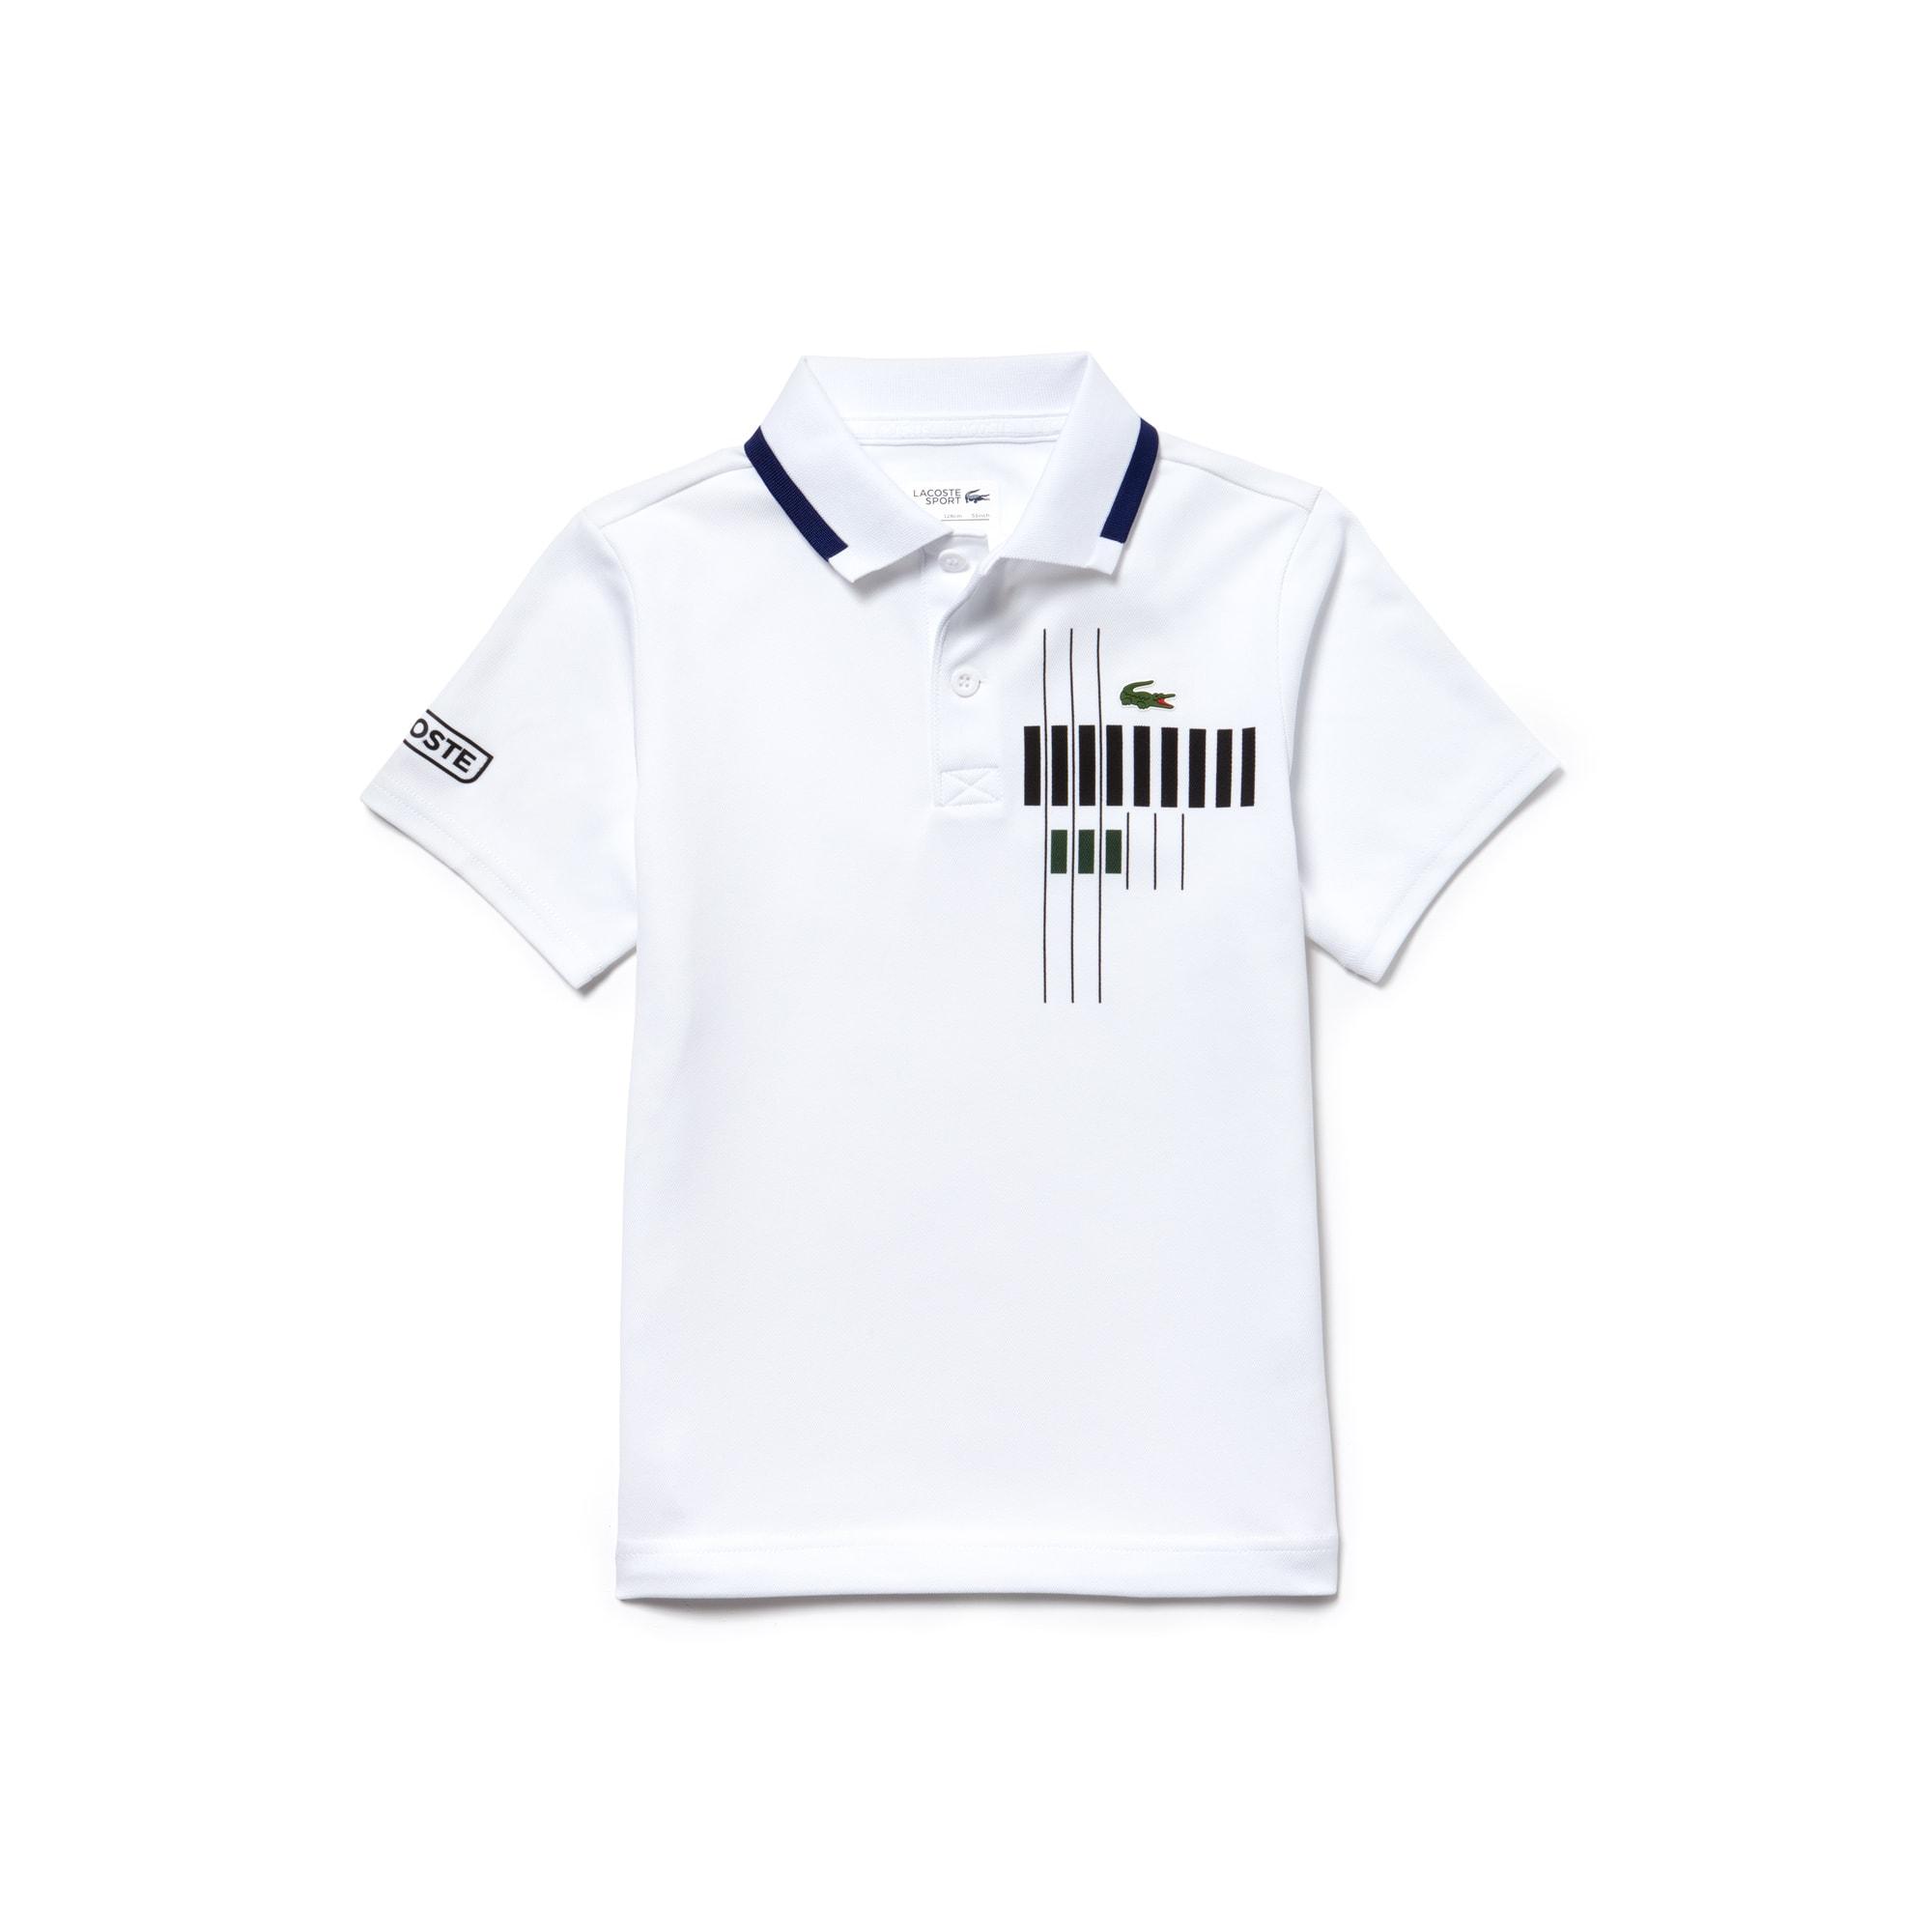 قميص بولو بأسلوب حياكة بيكيه العملي من مجموعة Lacoste SPORT Tennis للصبيان